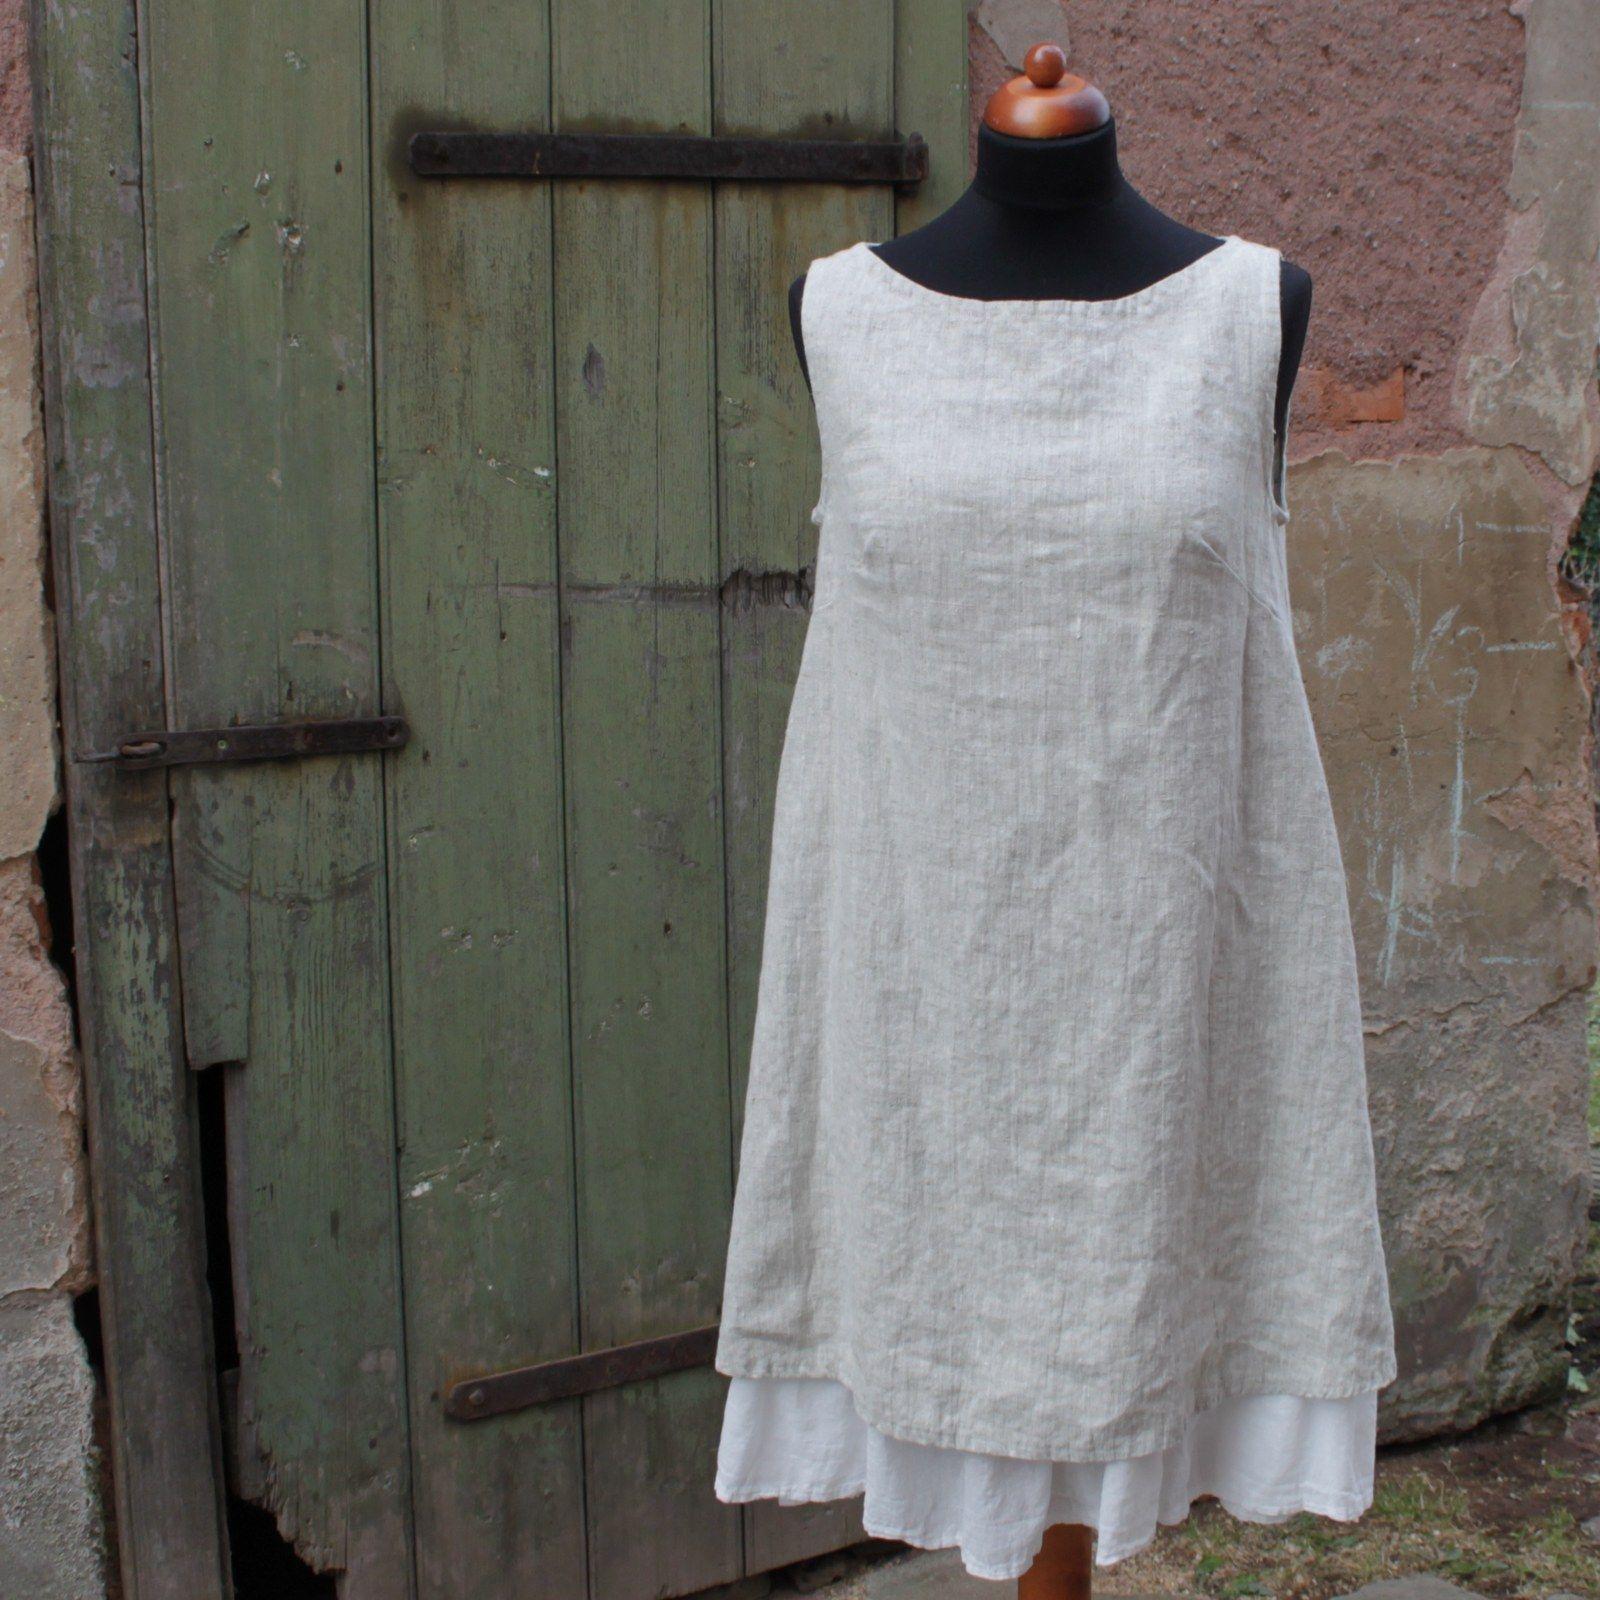 Šaty dámské lněné Lehce romantické minišaty z přírodní látky hrubší  struktury. Áčkový střih a neutrální ef5304214e